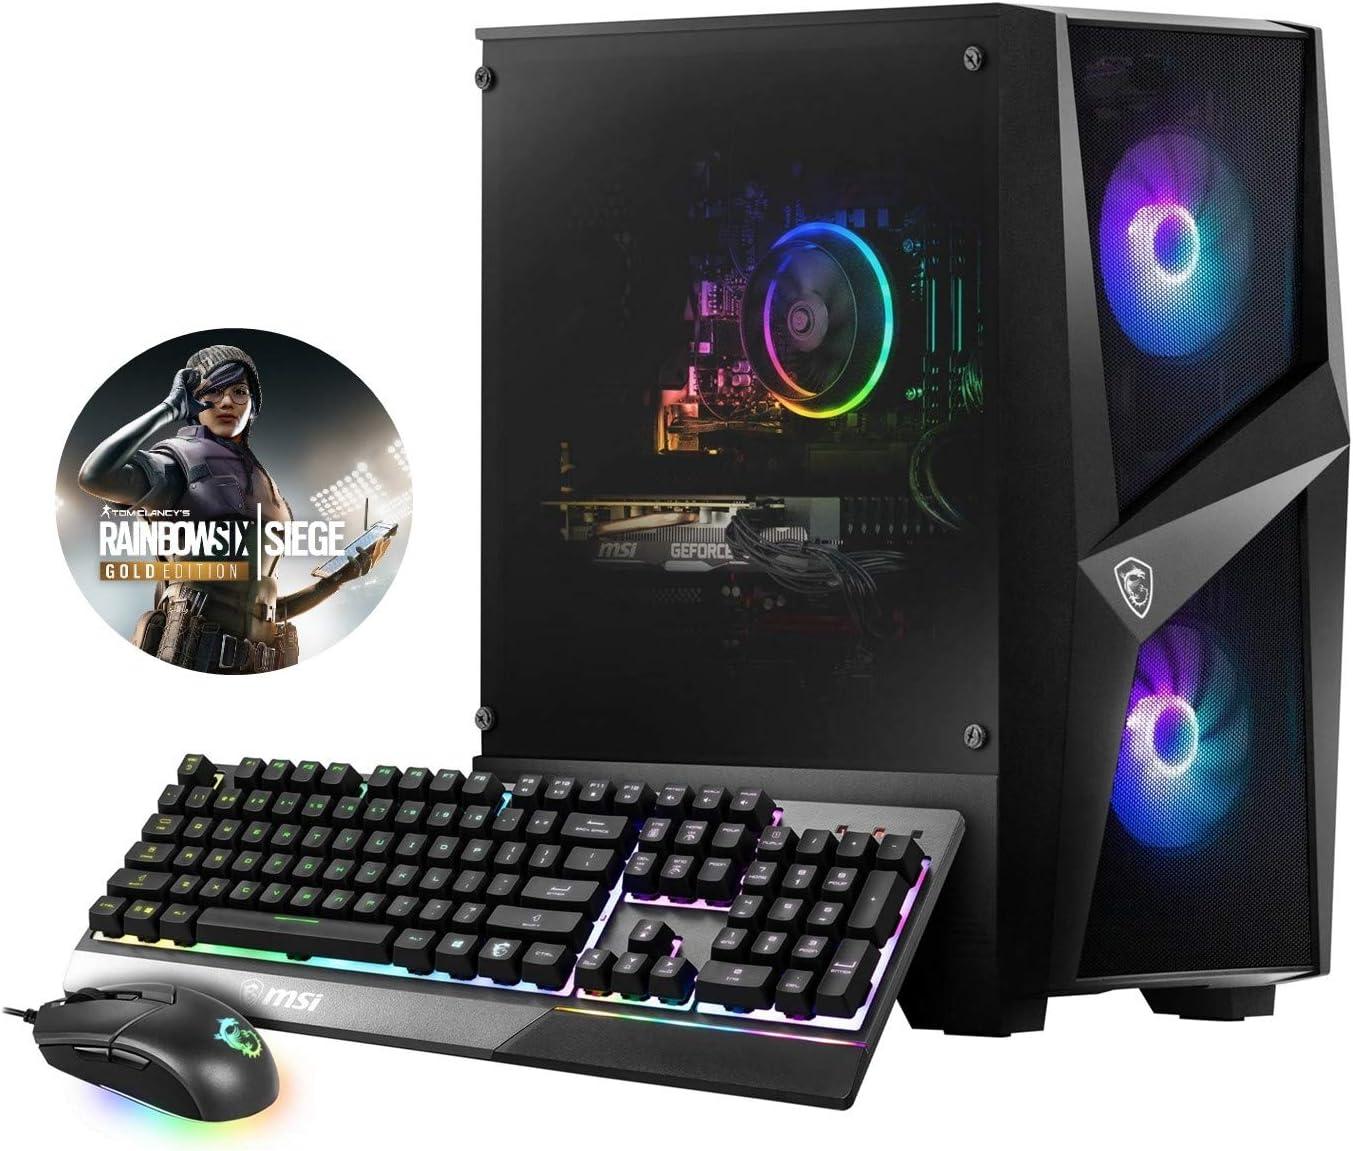 MSI Codex R 10SC-002US (i7-10700F, 16GB RAM, 512GB SSD, RTX2060 6GB, Windows 10) Gaming Desktop